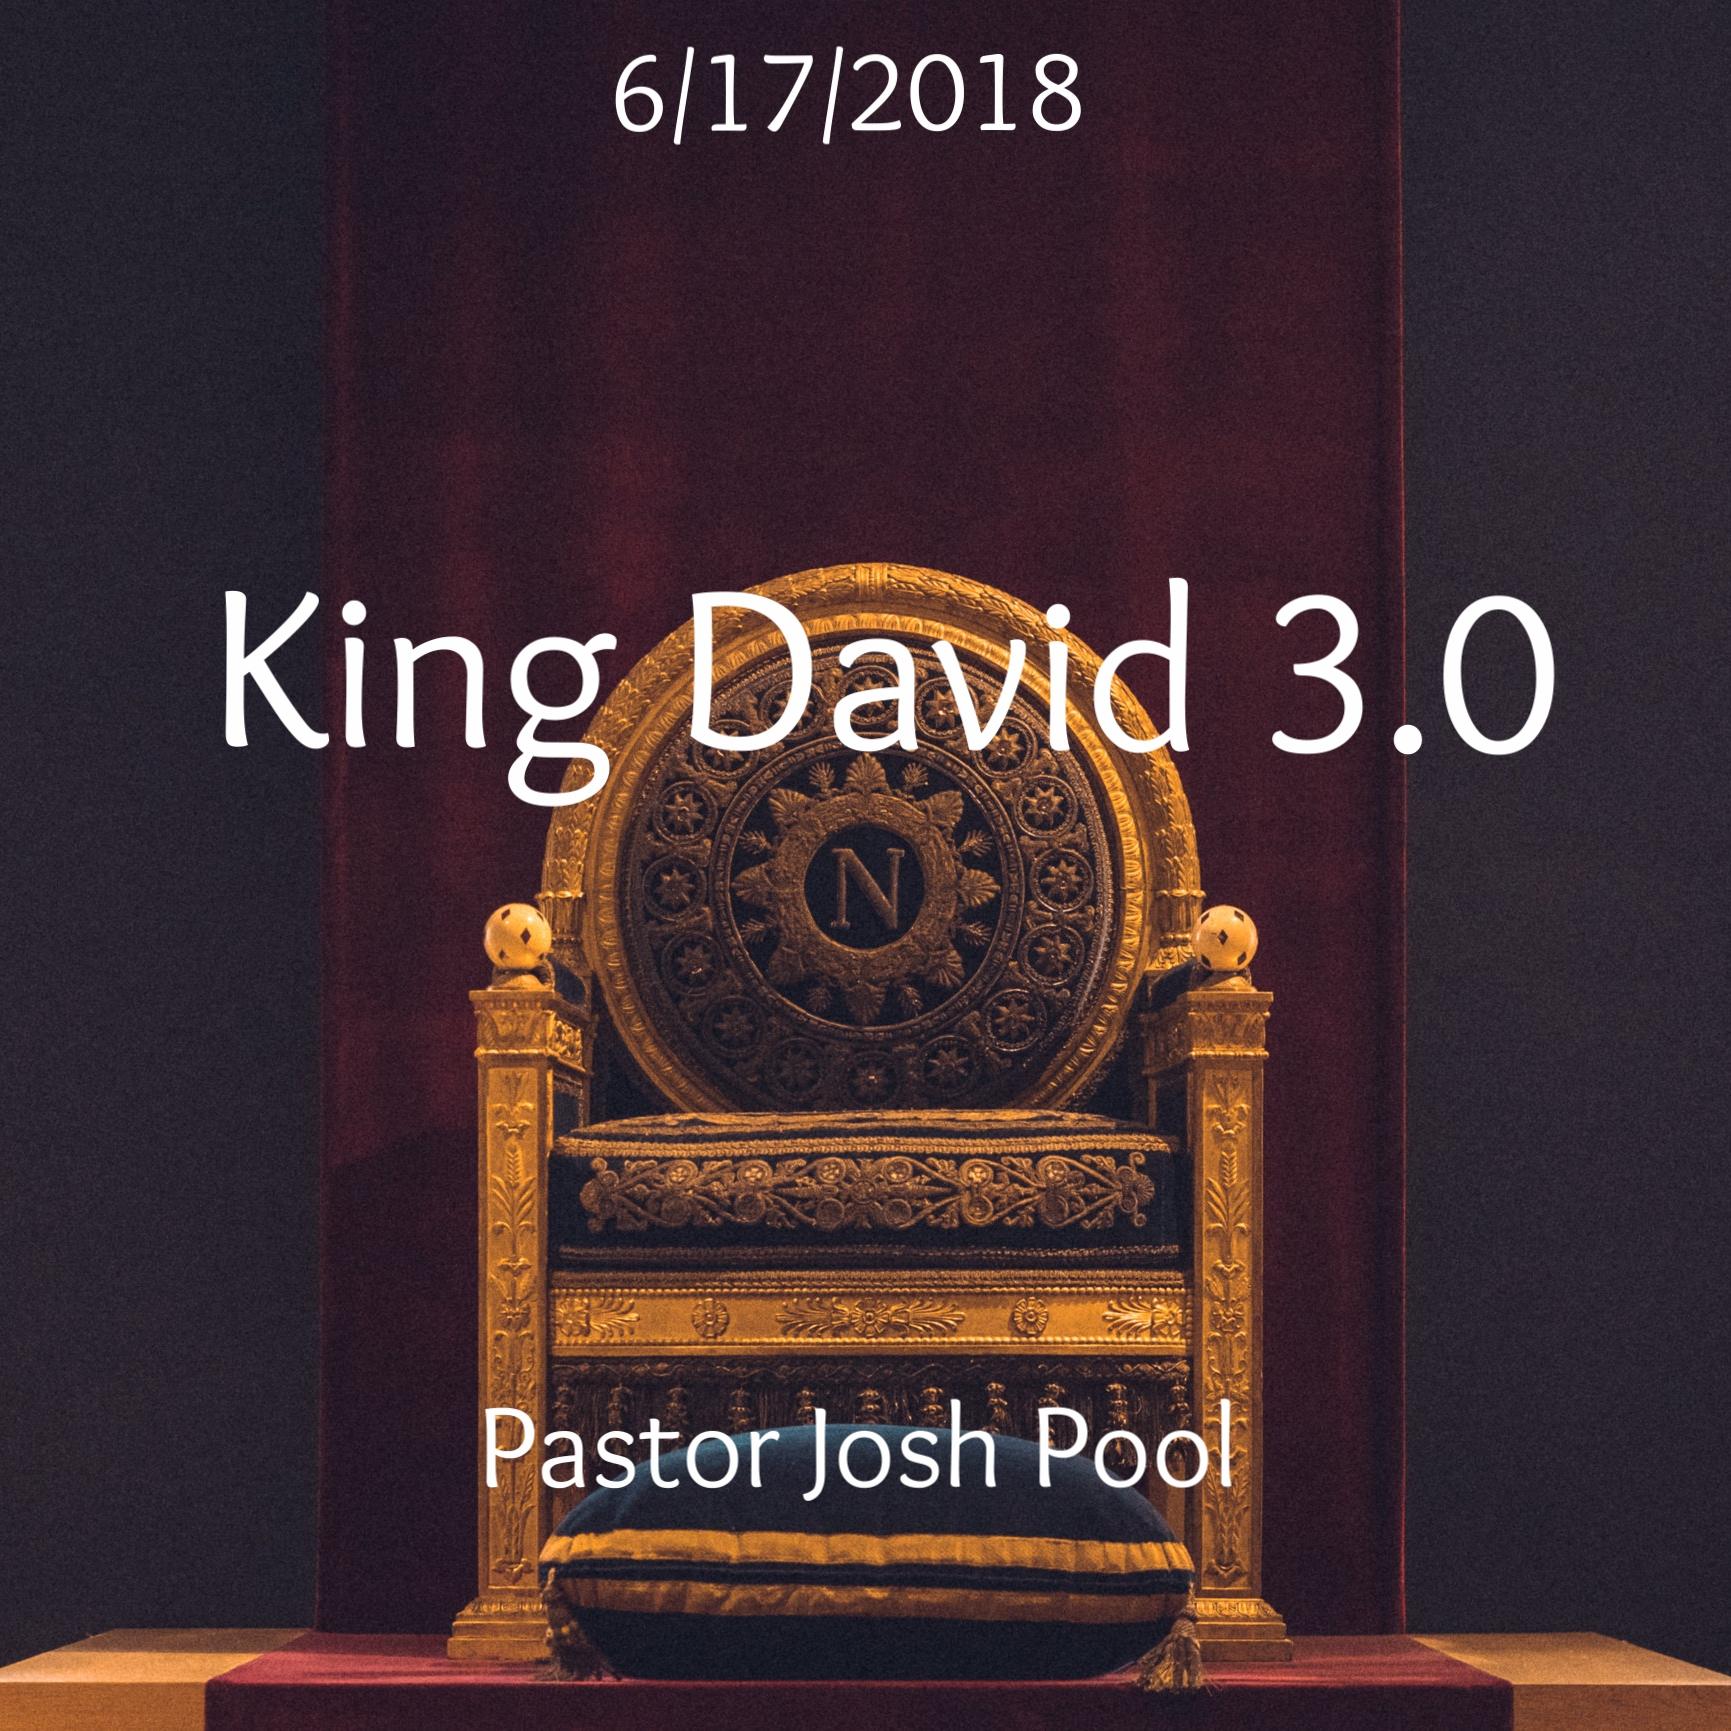 King David 3.0